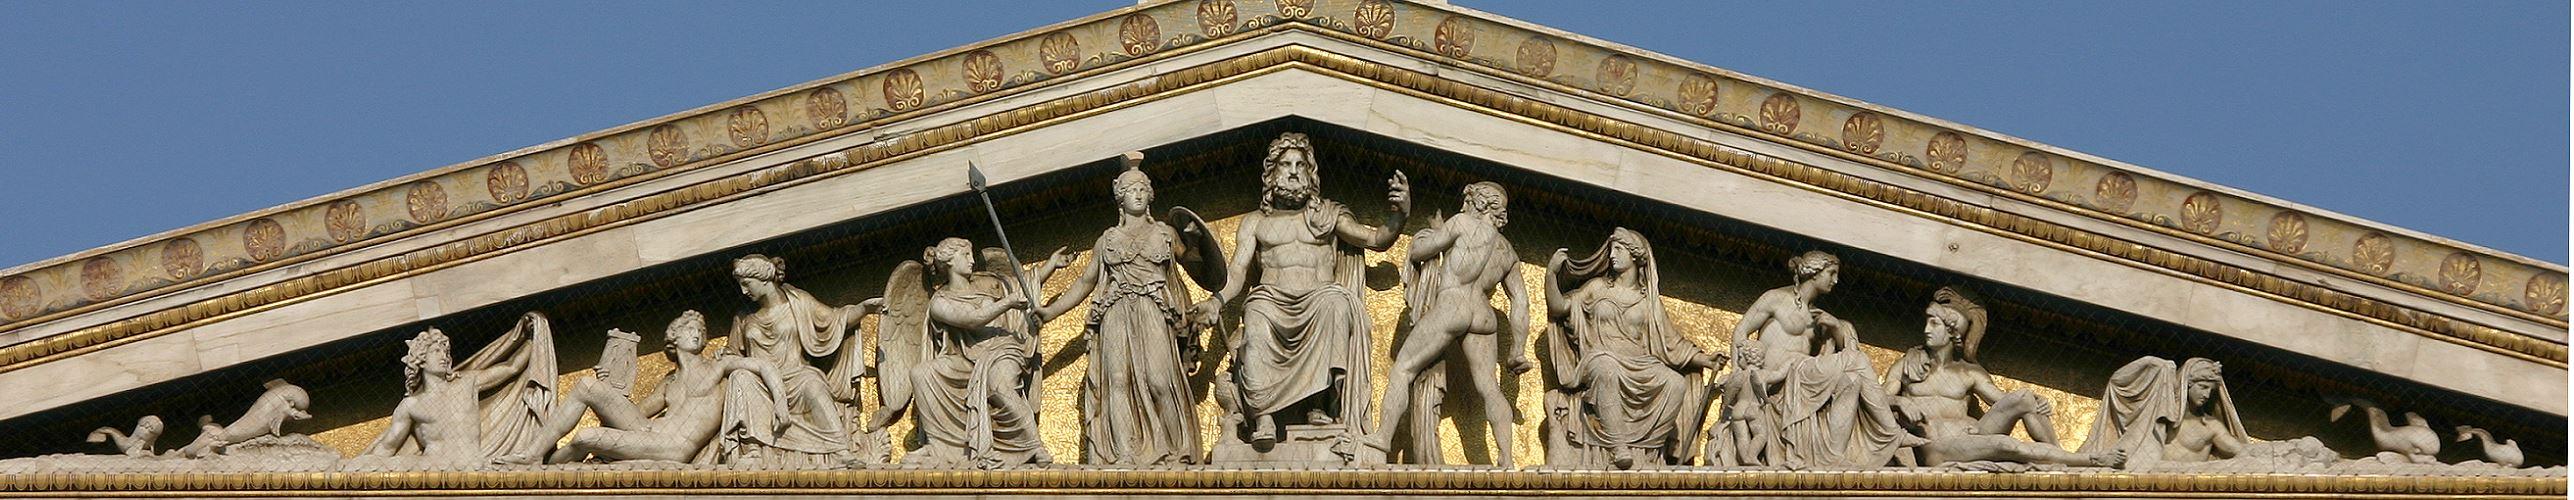 Götterpanorama